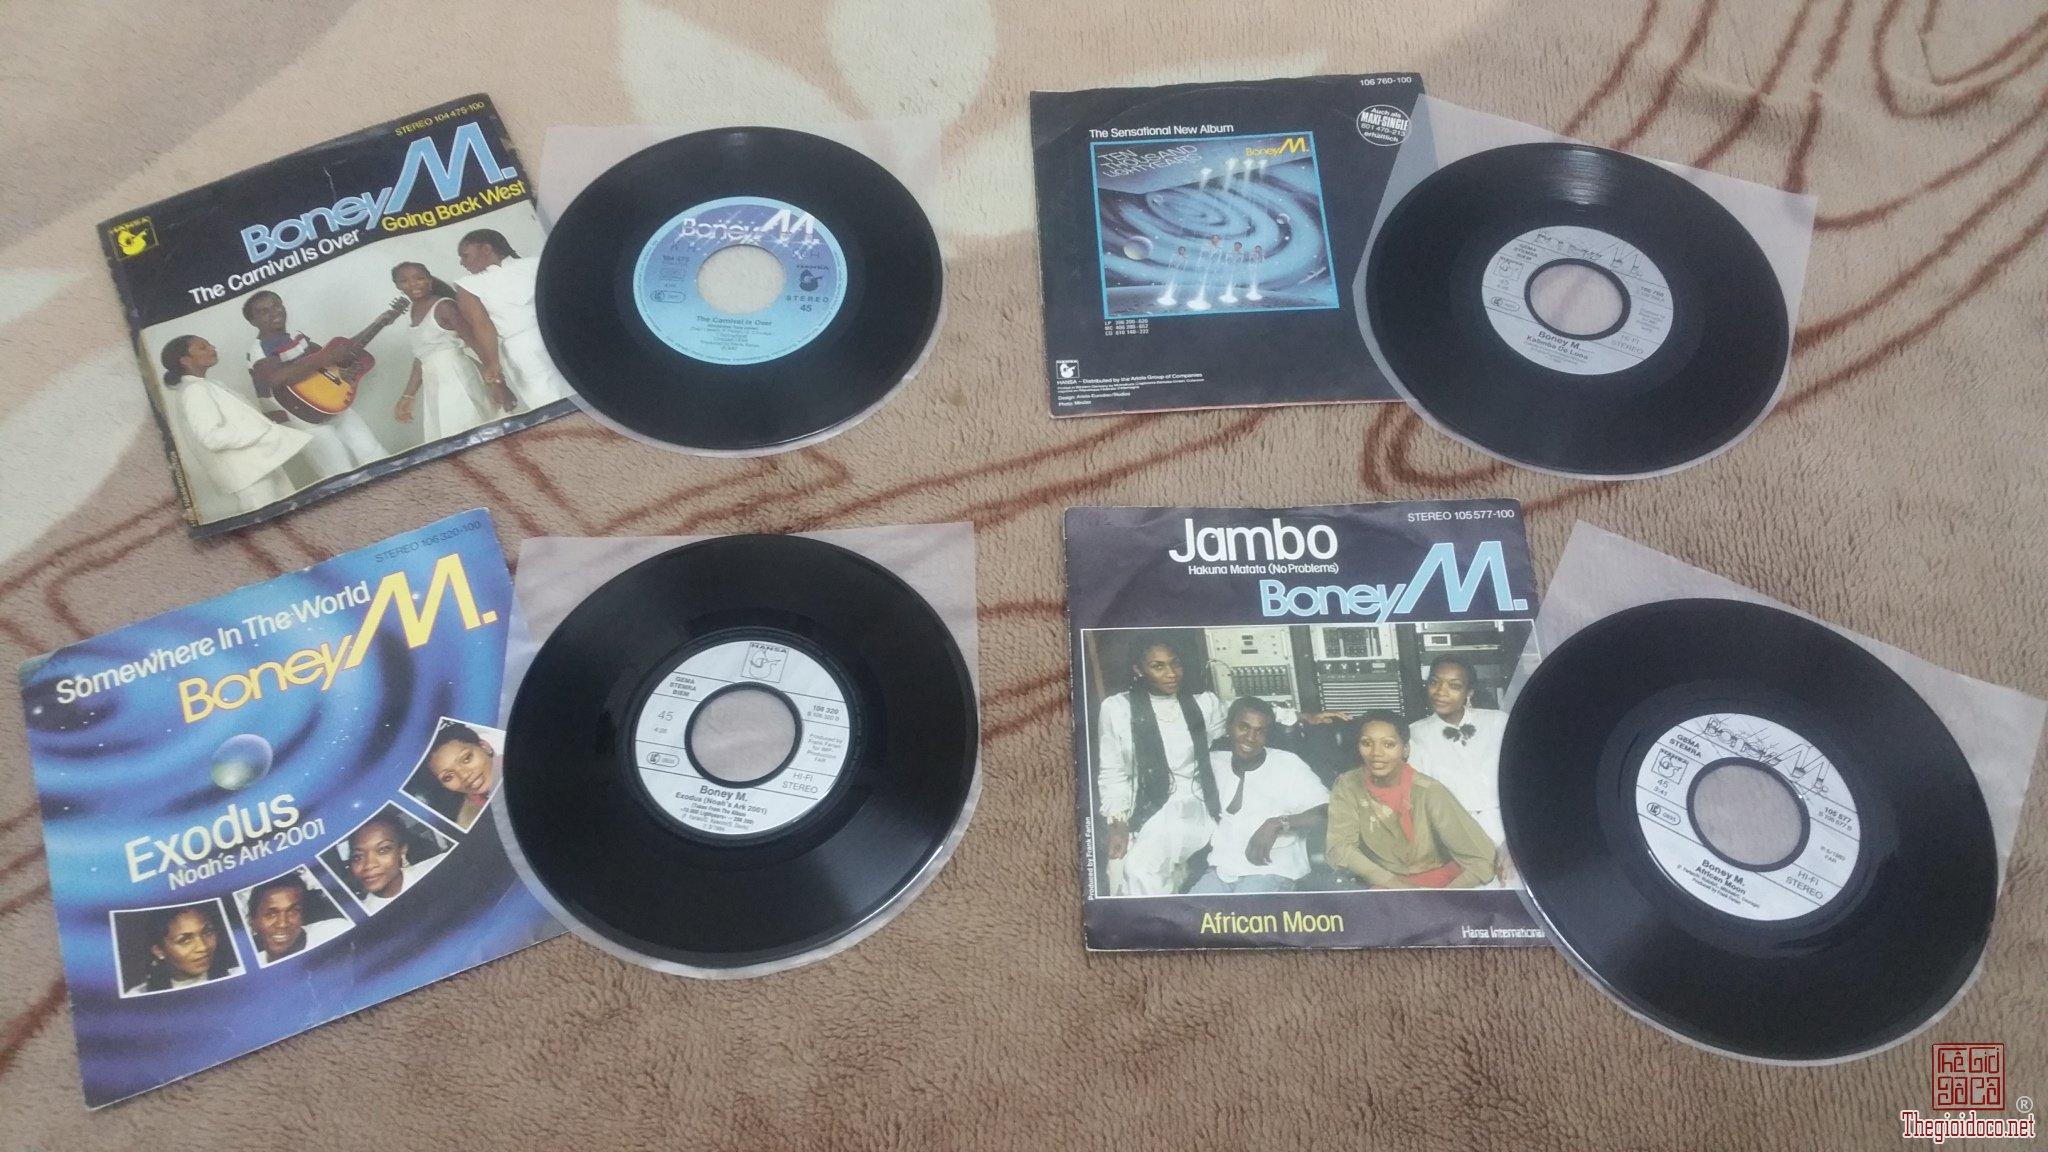 4 đĩa than 45 vòng - Boney M (Bán cả 4 đĩa = 900 nghìn đồng)